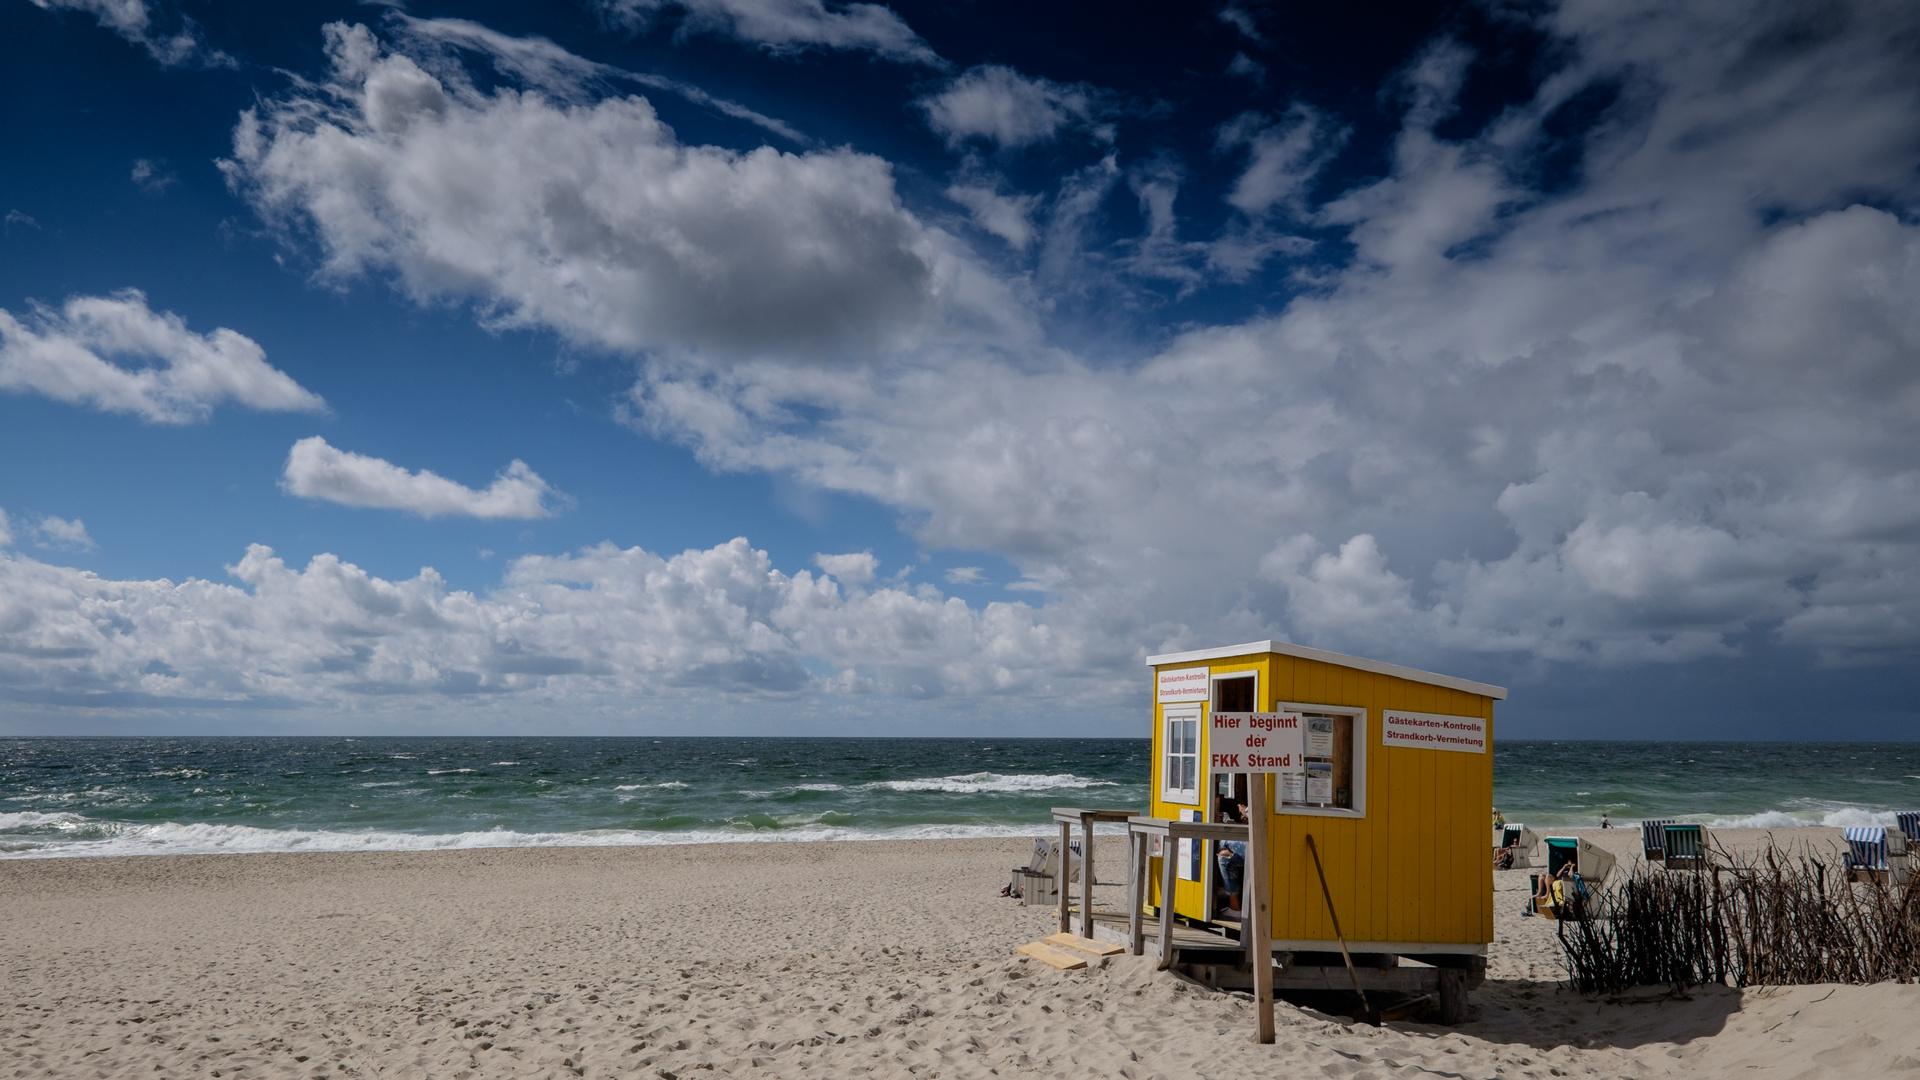 Hier beginnt der FKK-Strand Foto & Bild | world, wolken